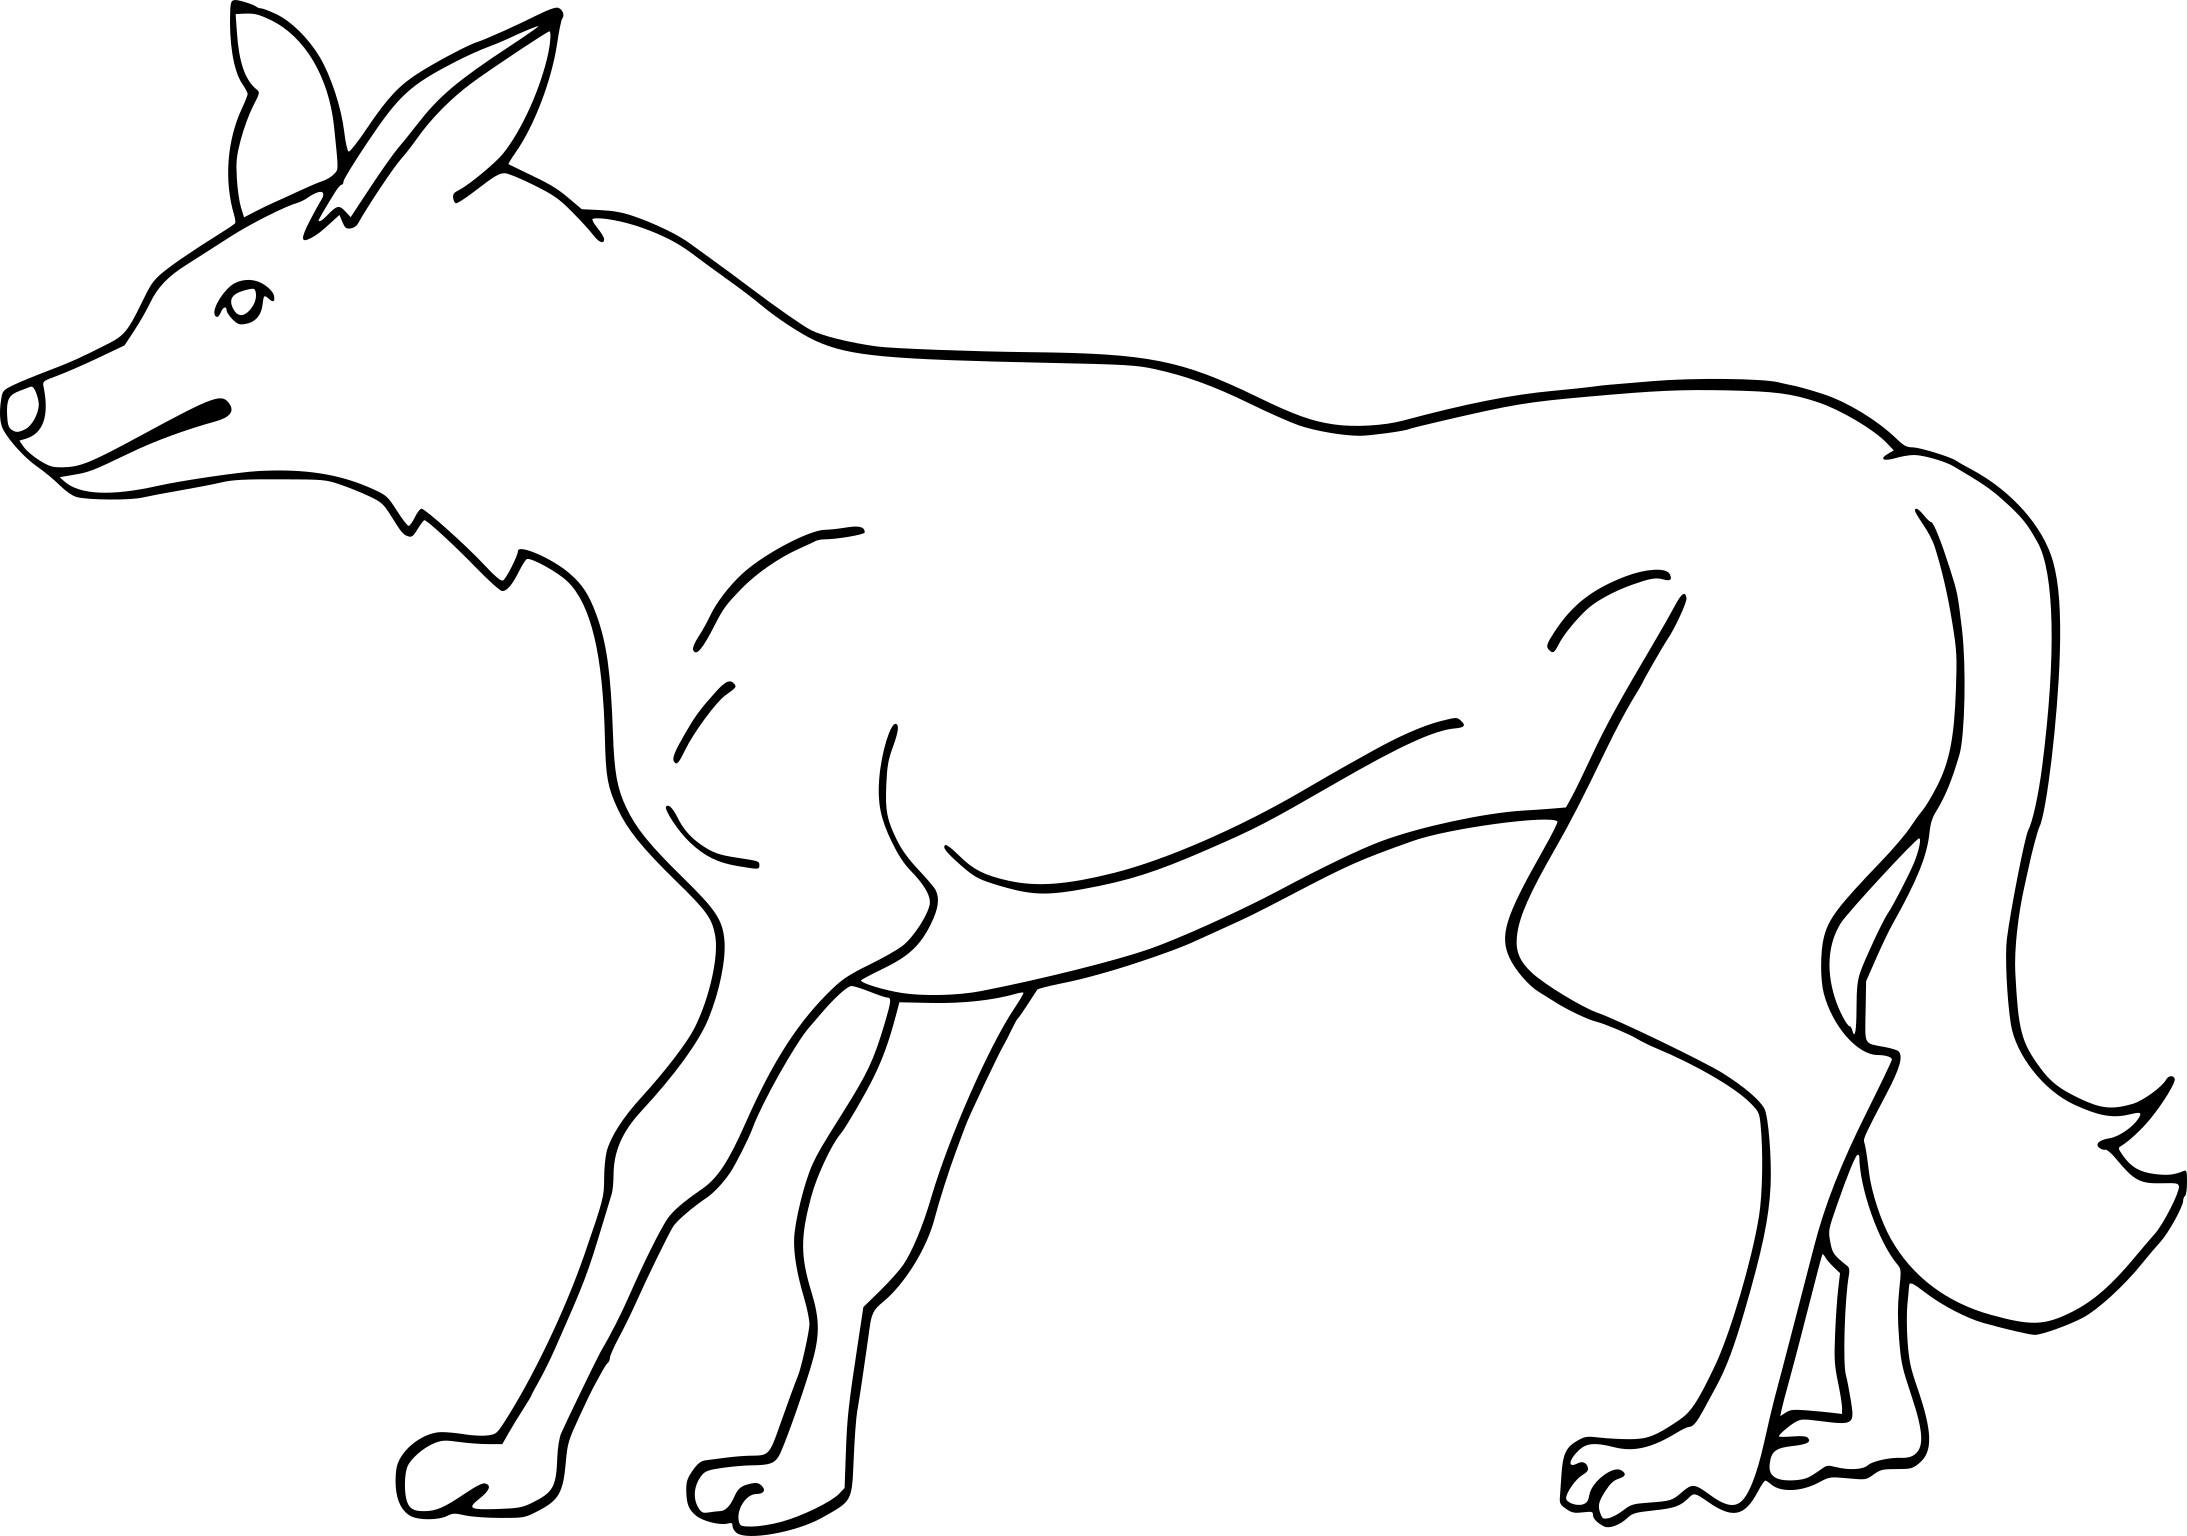 Coyote dessin